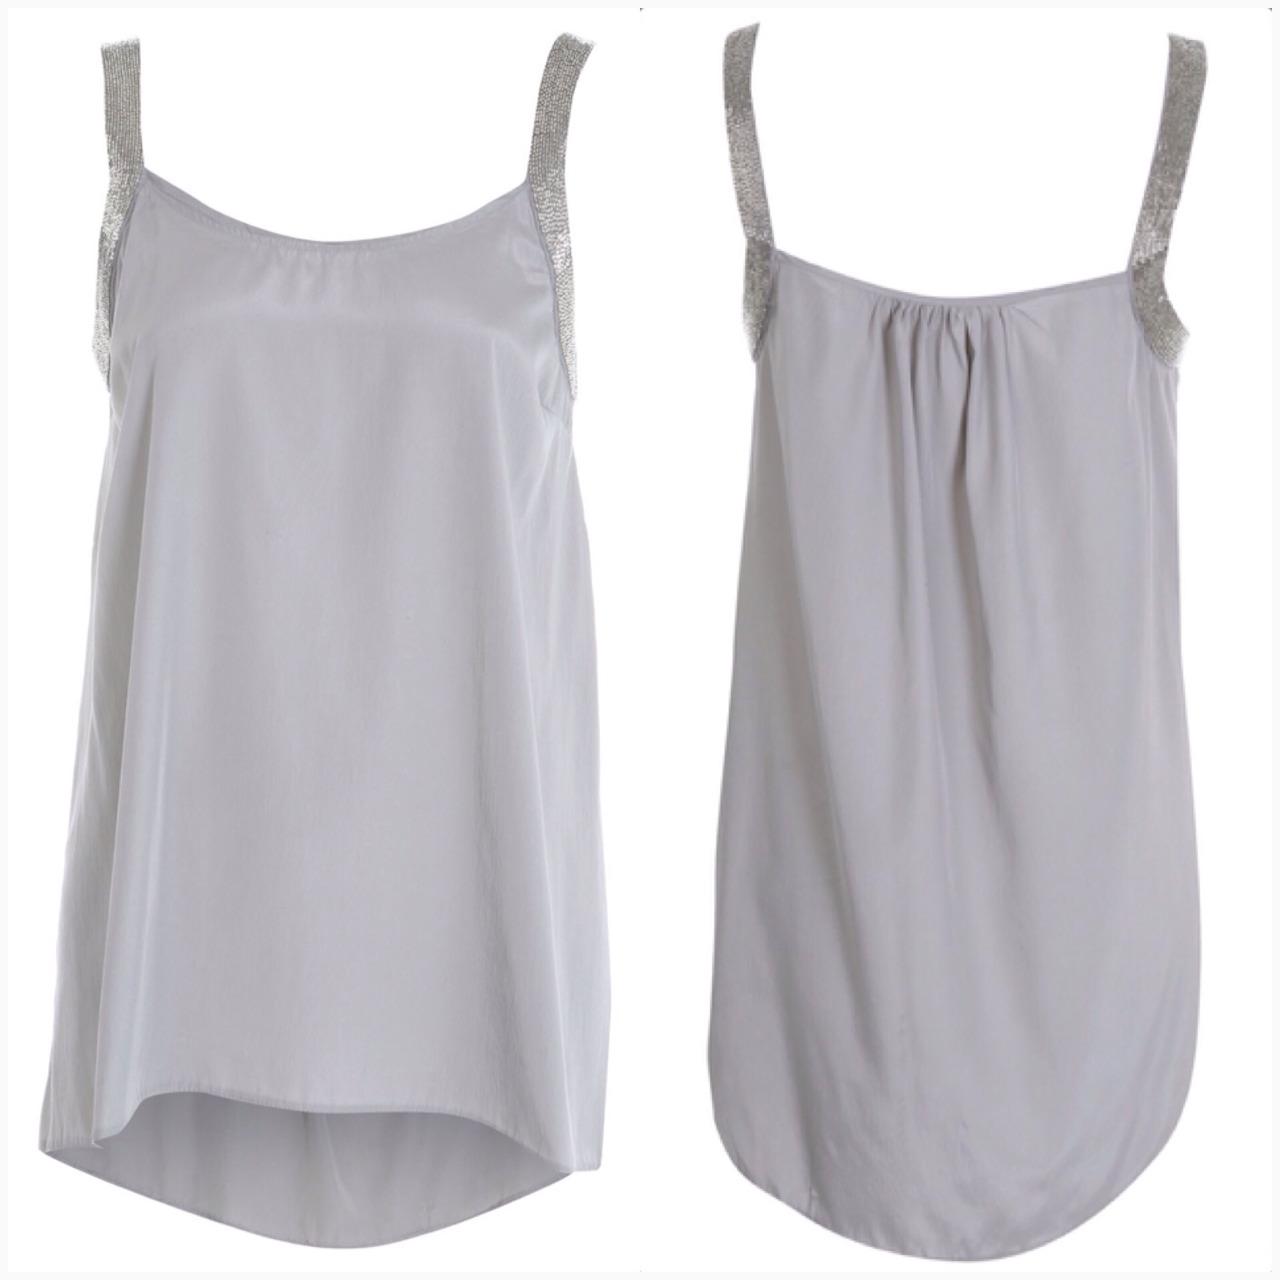 เสื้อสีเทา ผ้า silk ผสม ด้านบนแขนเสื้อปักดิ้นเงิน ไชส์ uk 12